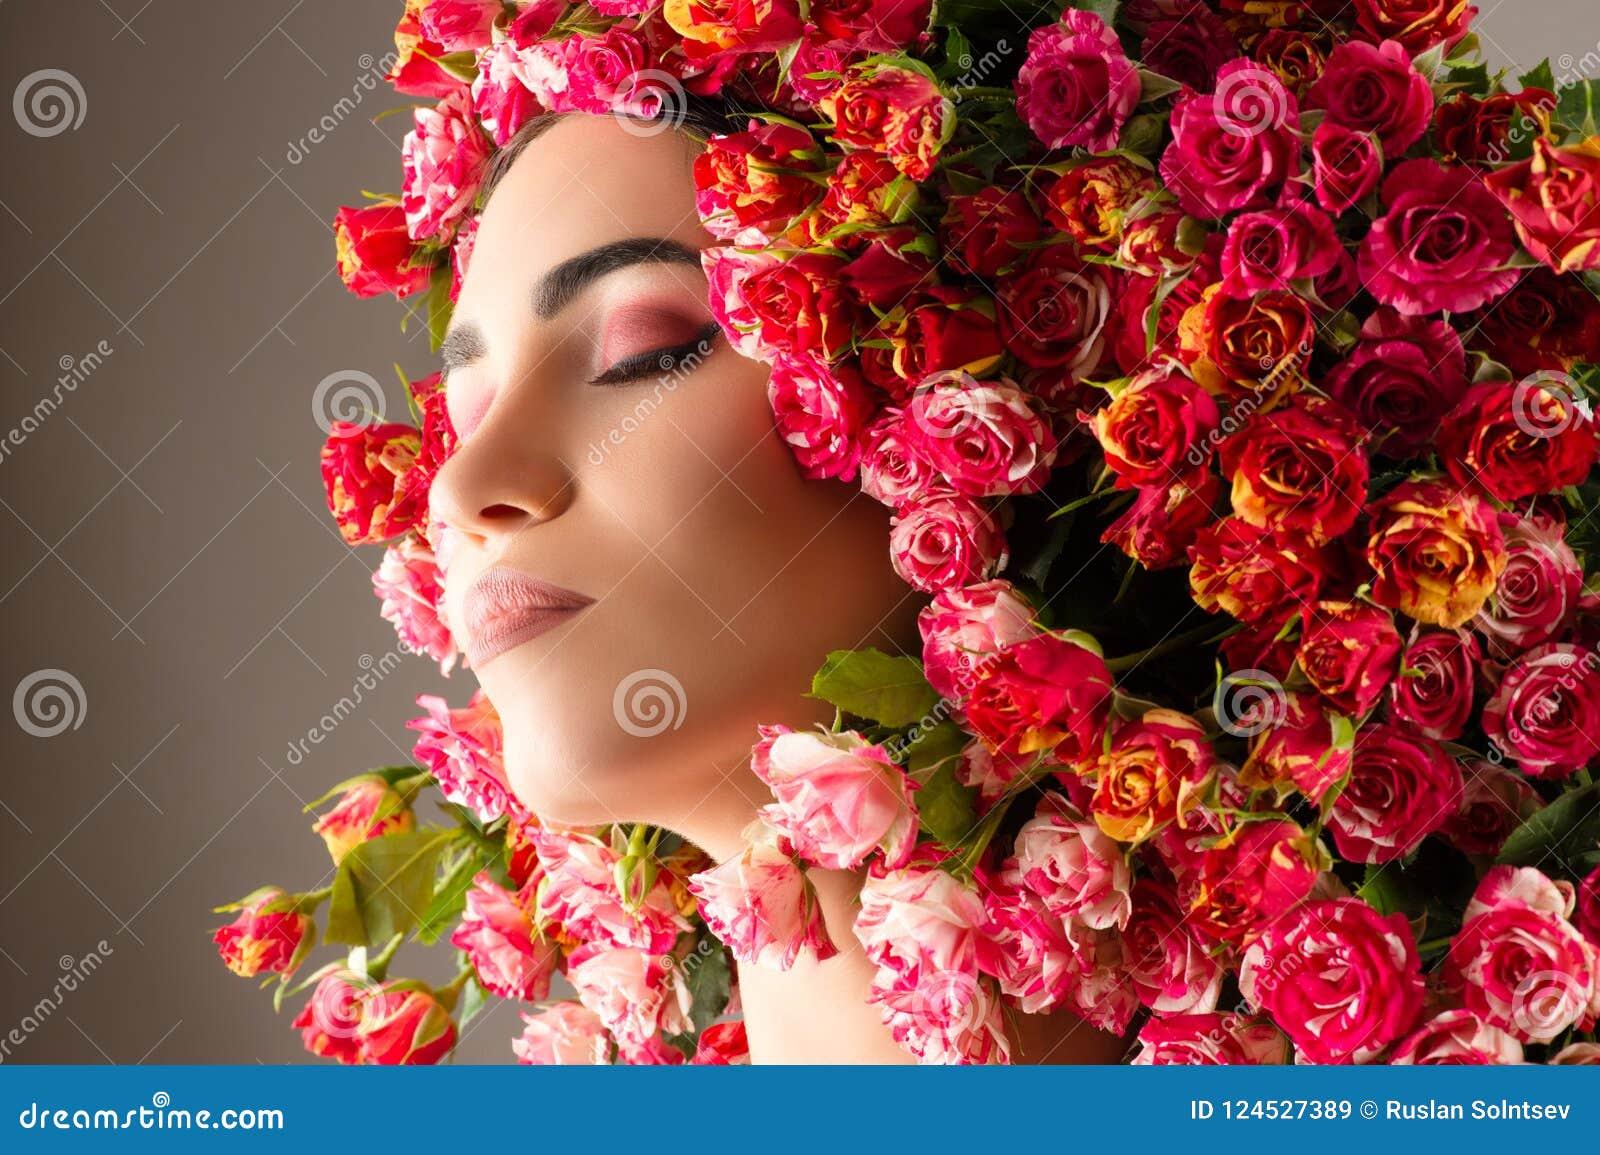 Cara Bonita Do Perfil Da Composição Com Close Up Das Rosas